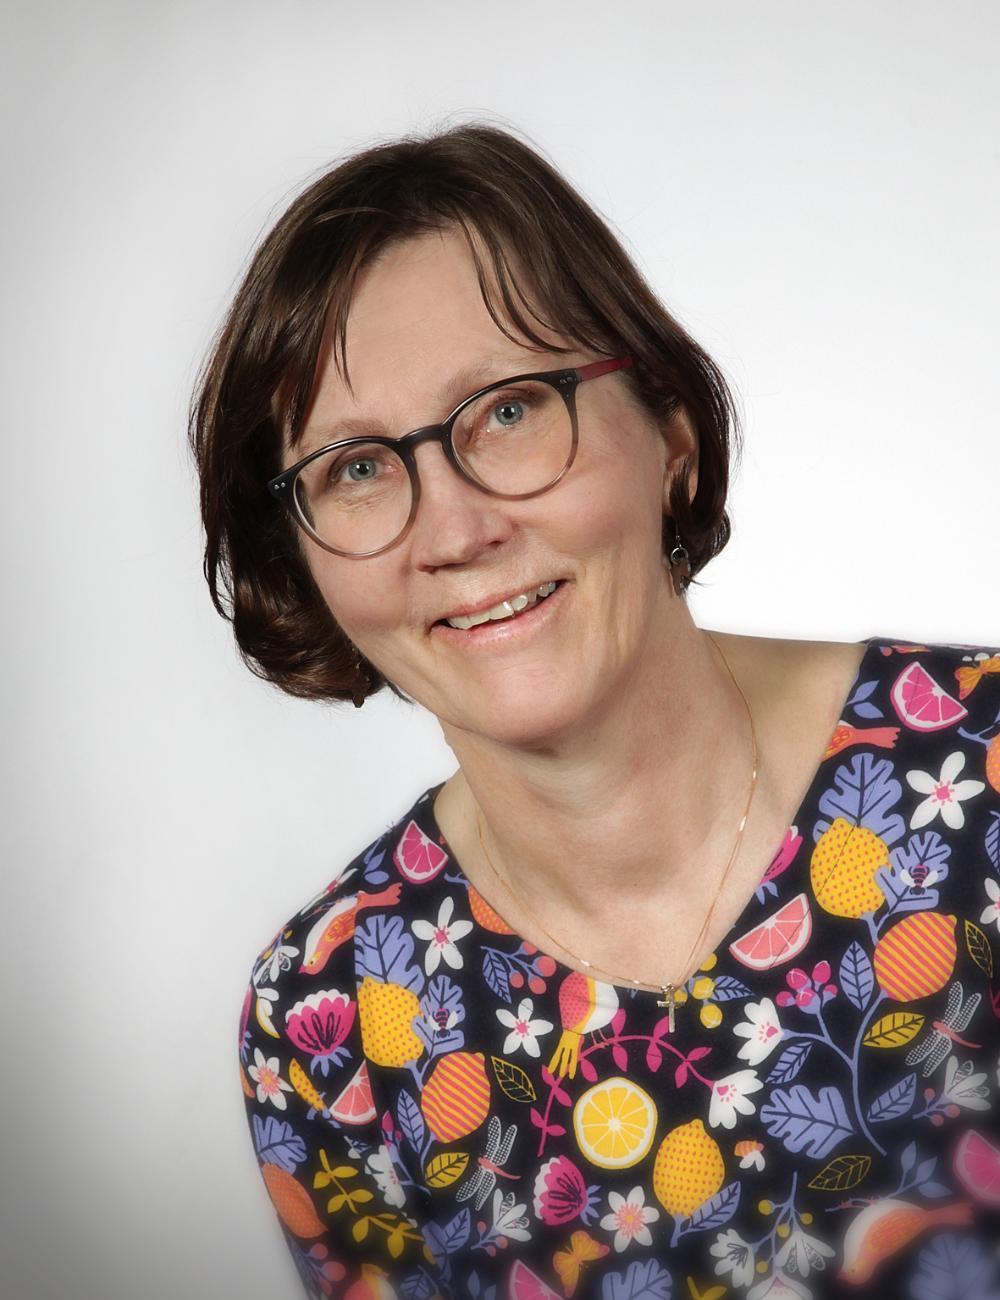 Mirja Hölttä-Nissinen